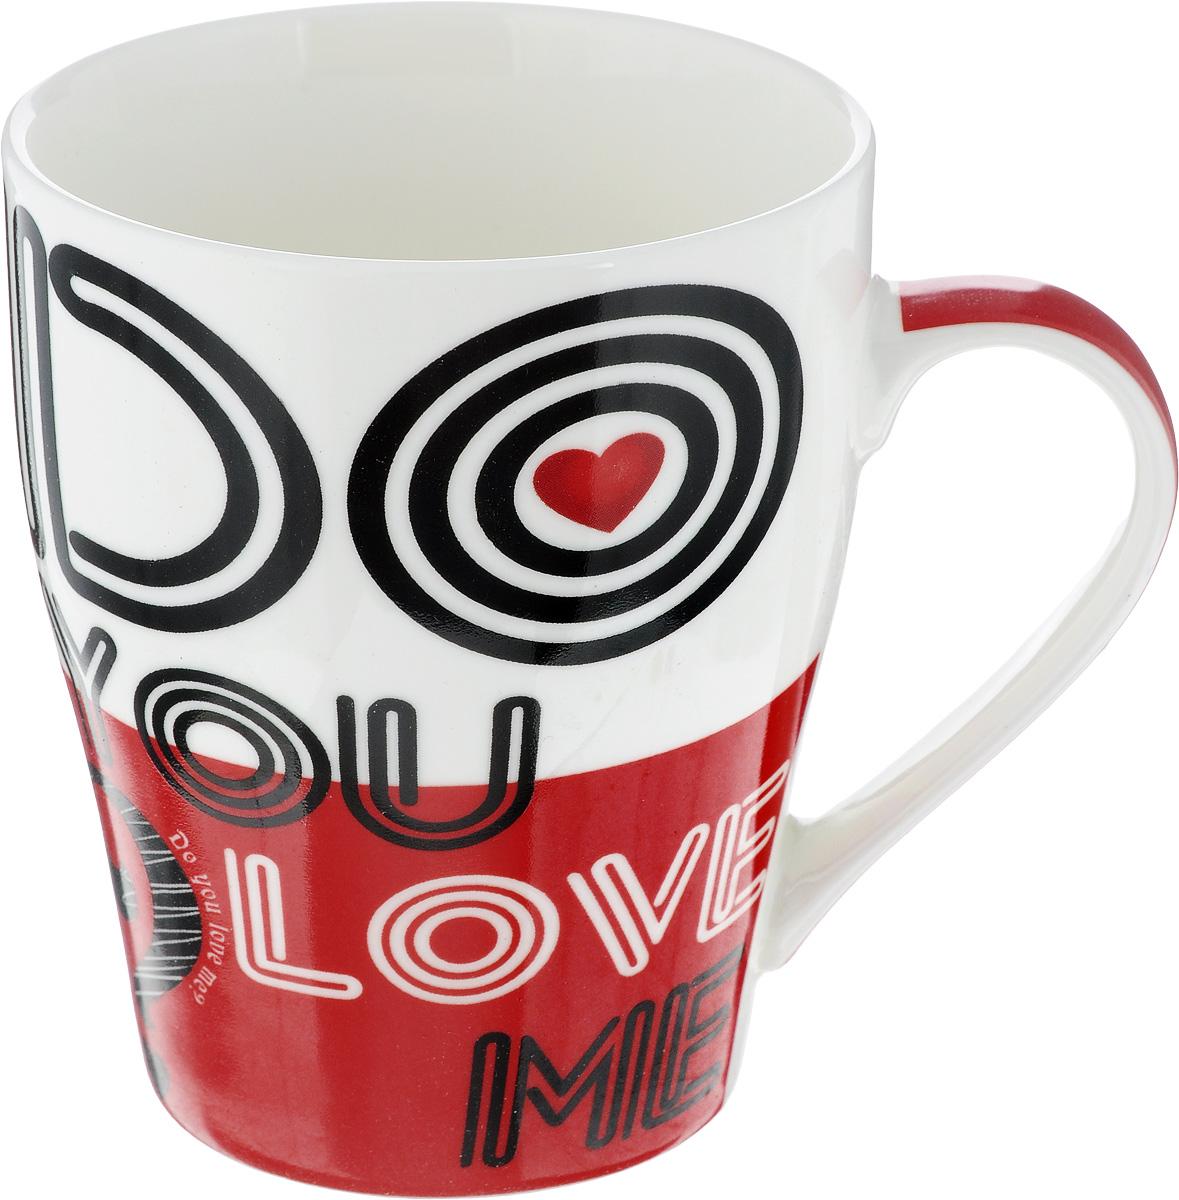 Кружка Loraine Do you love me, цвет: белый, красный, черный, 340 мл24463_белый/красныйКружка Loraine Do you love me выполнена из высококачественного фарфора. Изделие оснащено эргономичной ручкой. Кружка сочетает в себе оригинальный дизайн и функциональность. Она согреет вас долгими холодными вечерами. Диаметр (по верхнему краю): 8 см. Высота кружки: 10 см. Объем: 340 мл.